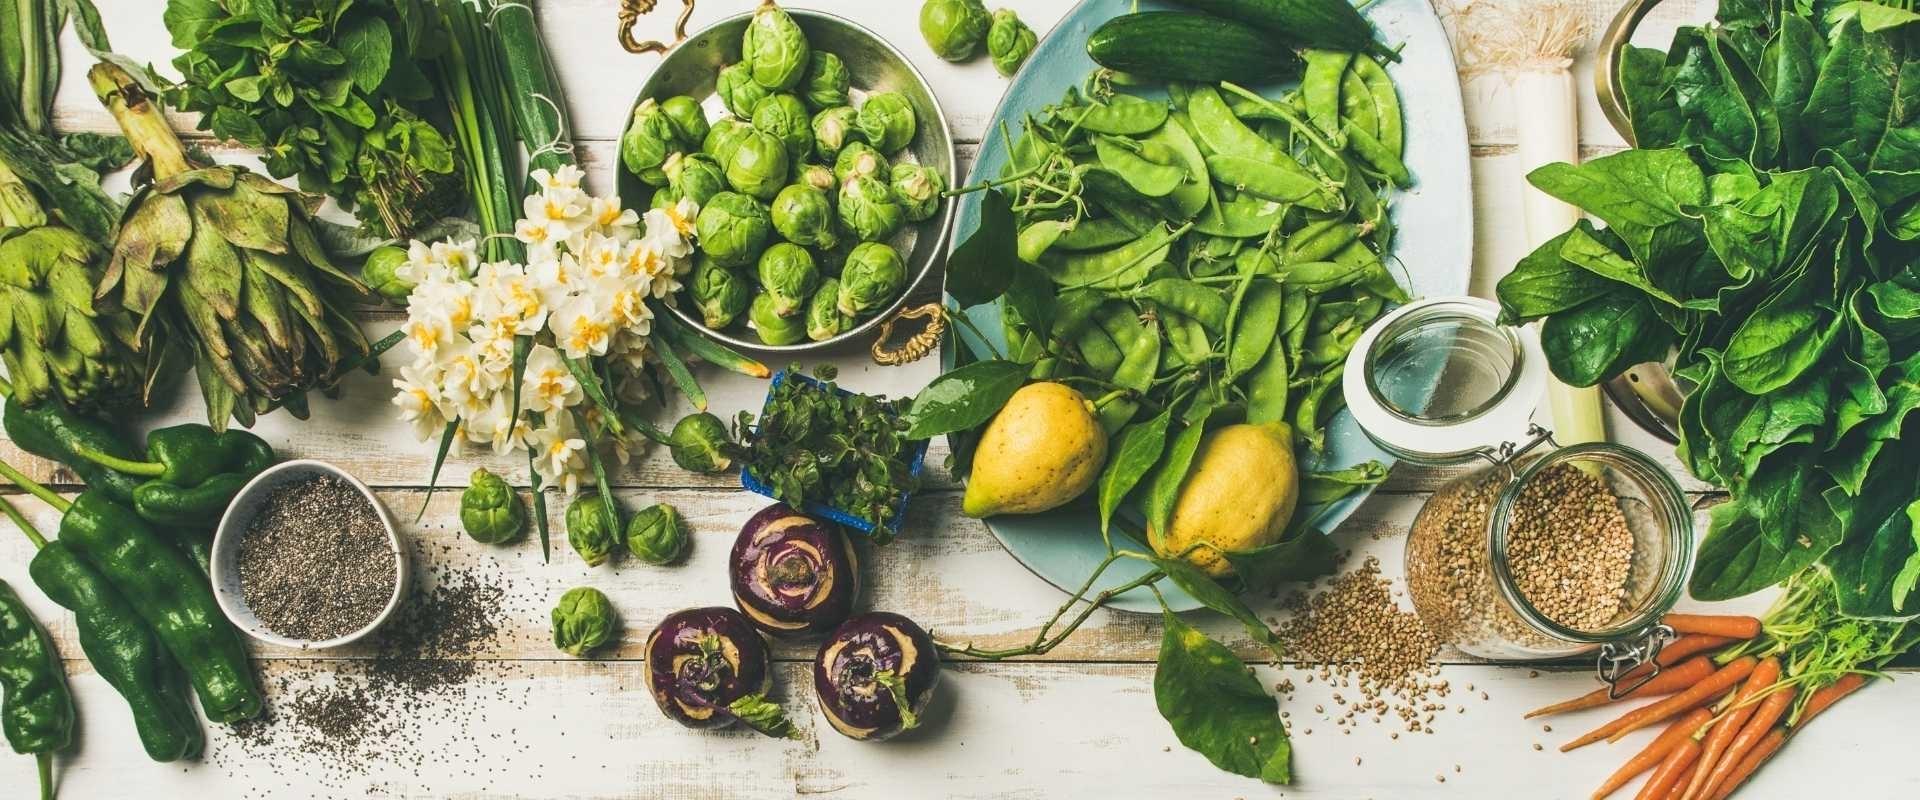 De Veganistische Keuken & Healthy Vegan Academy